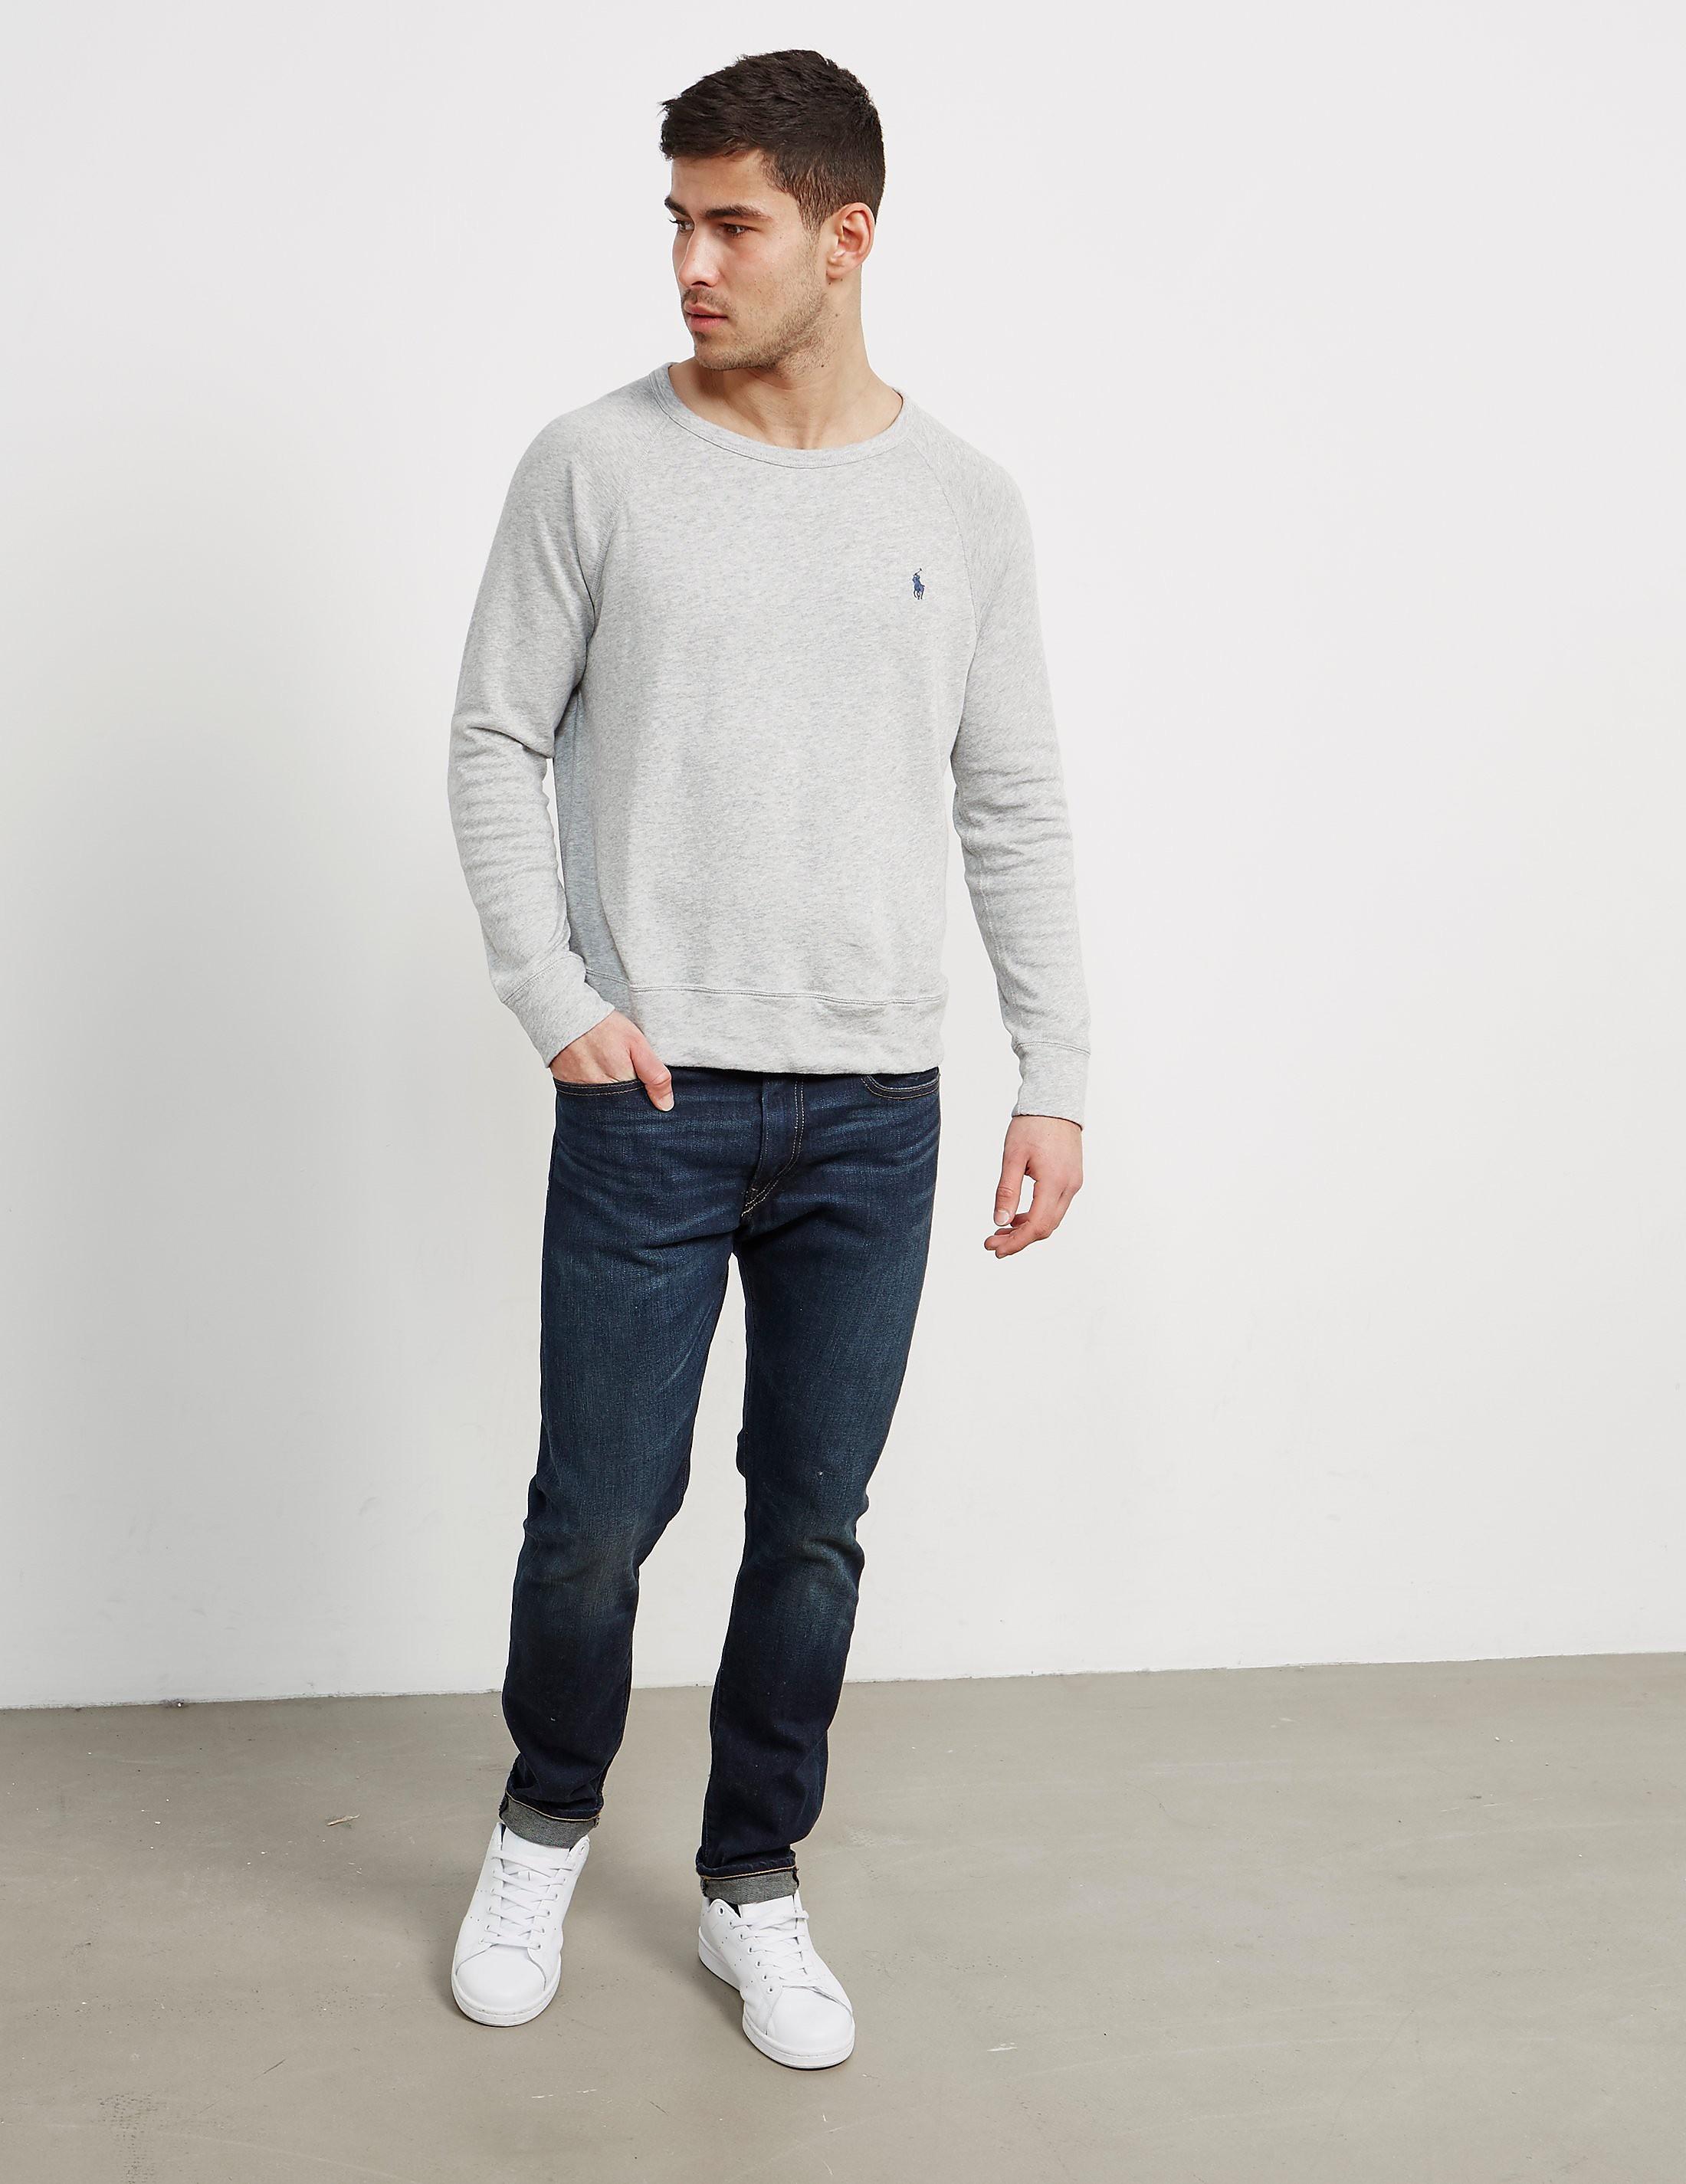 Polo Ralph Lauren Terry Knit Jumper